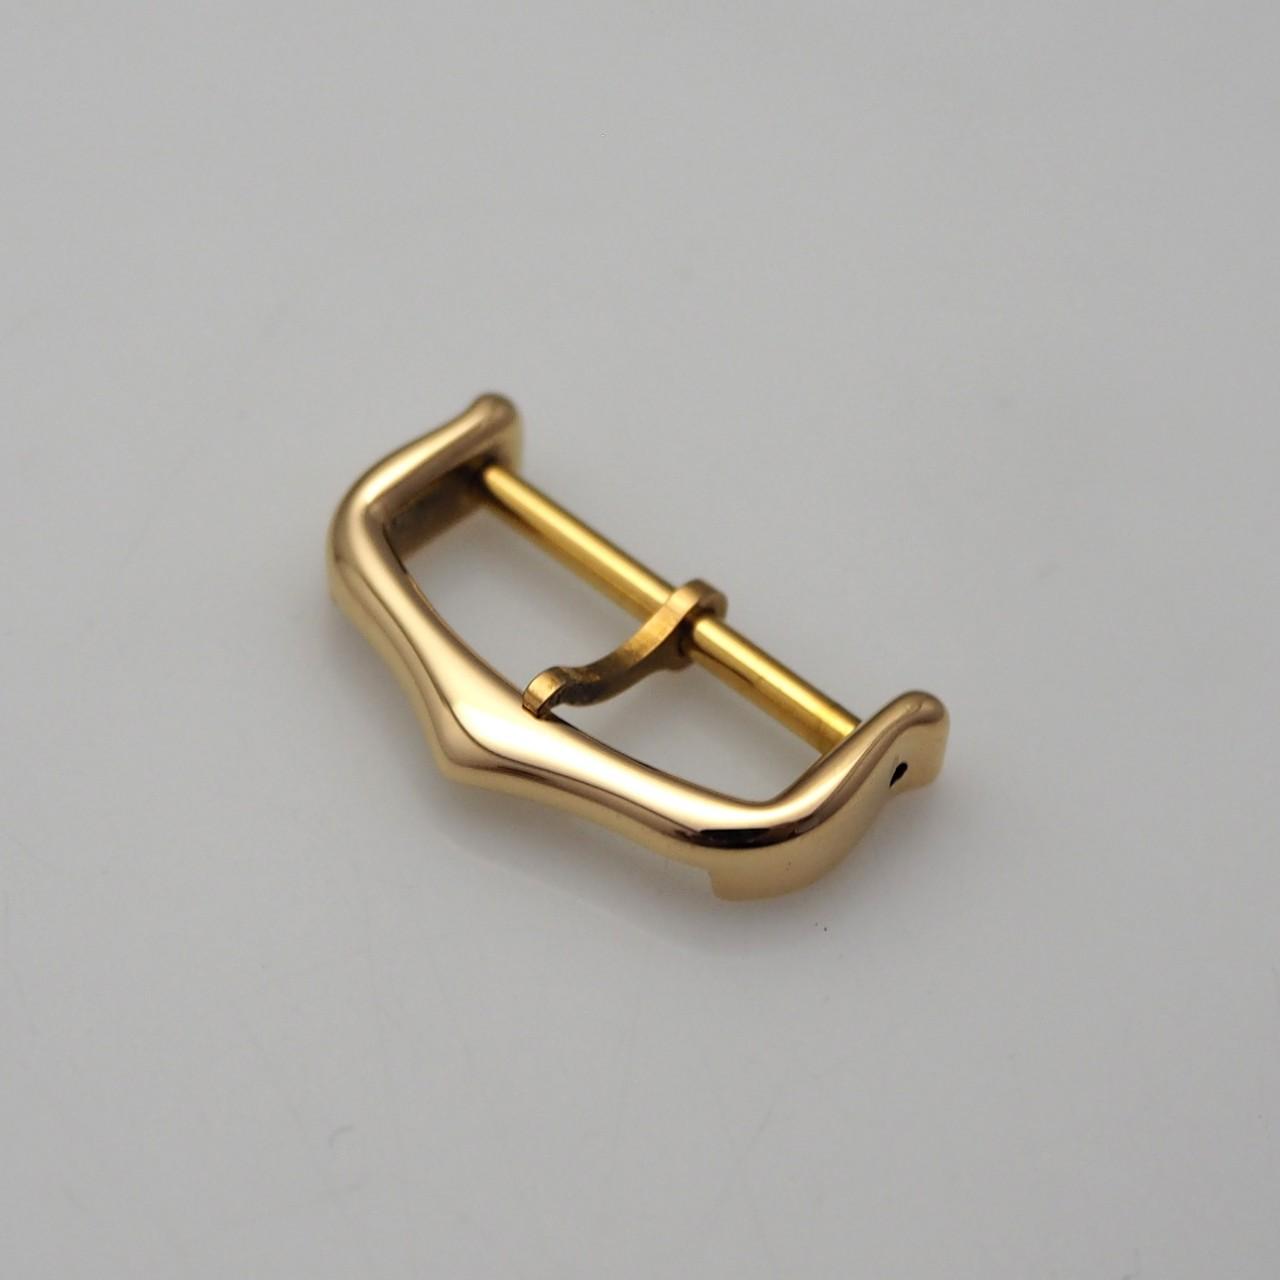 Cartier Dornschließe/ Buckle/ Gold 18k/750, 18mm neuwertig